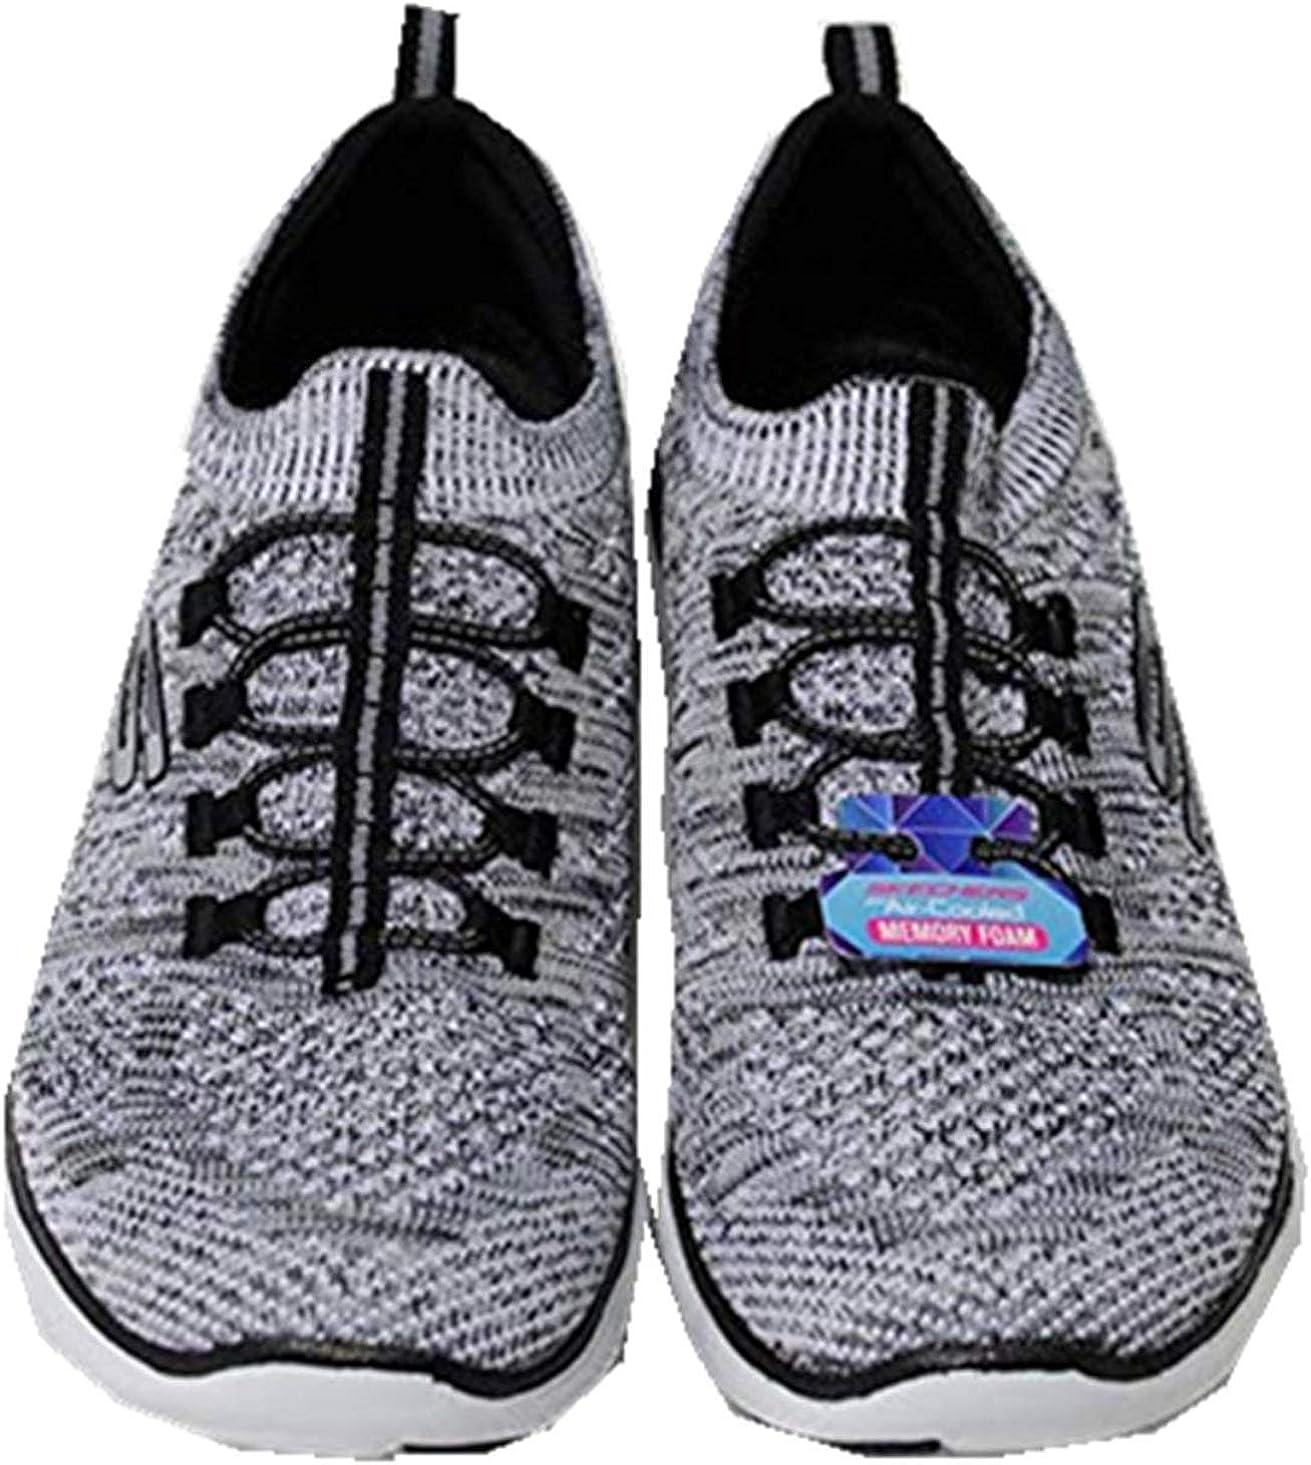 Skechers Ladies Bungee Slip On Shoes